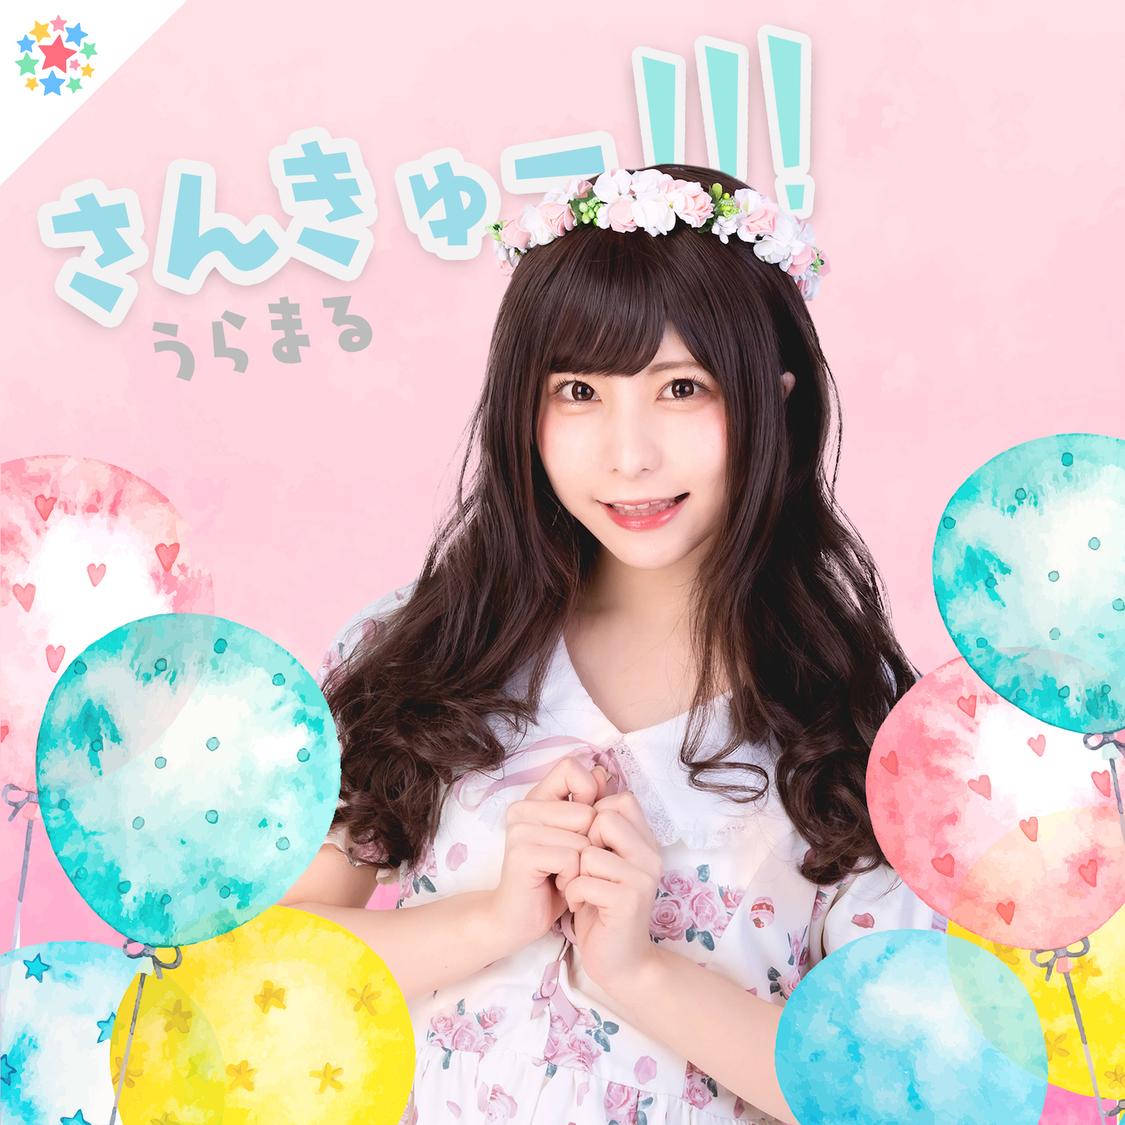 うらまる、新曲「さんきゅー!!!」リリース記念 スペシャルメッセージ動画公開!